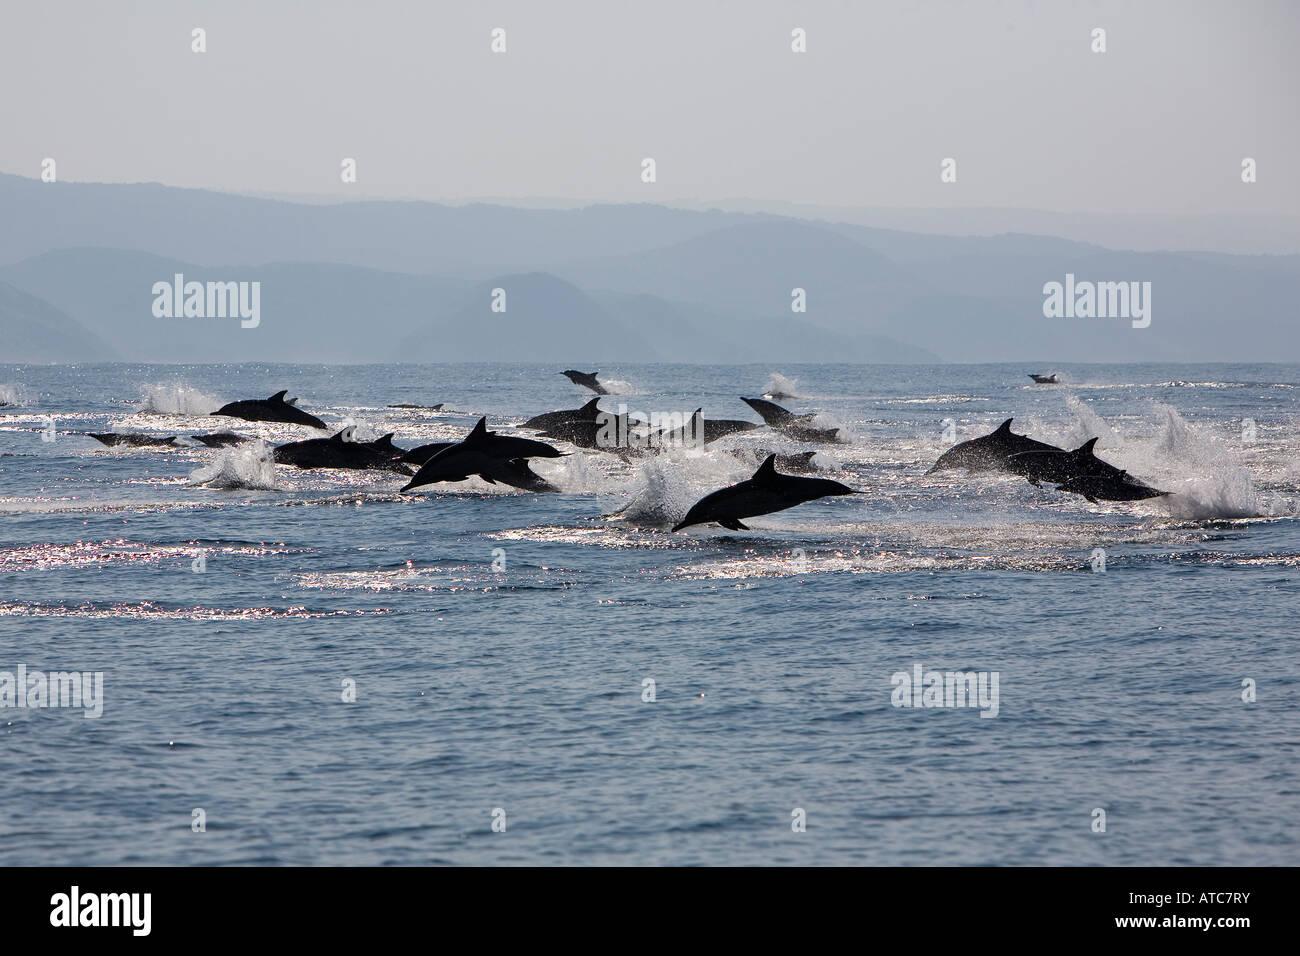 Dauphin commun Delphinus dauphins long capensis côte sauvage de l'océan Indien Afrique du Sud-est Photo Stock